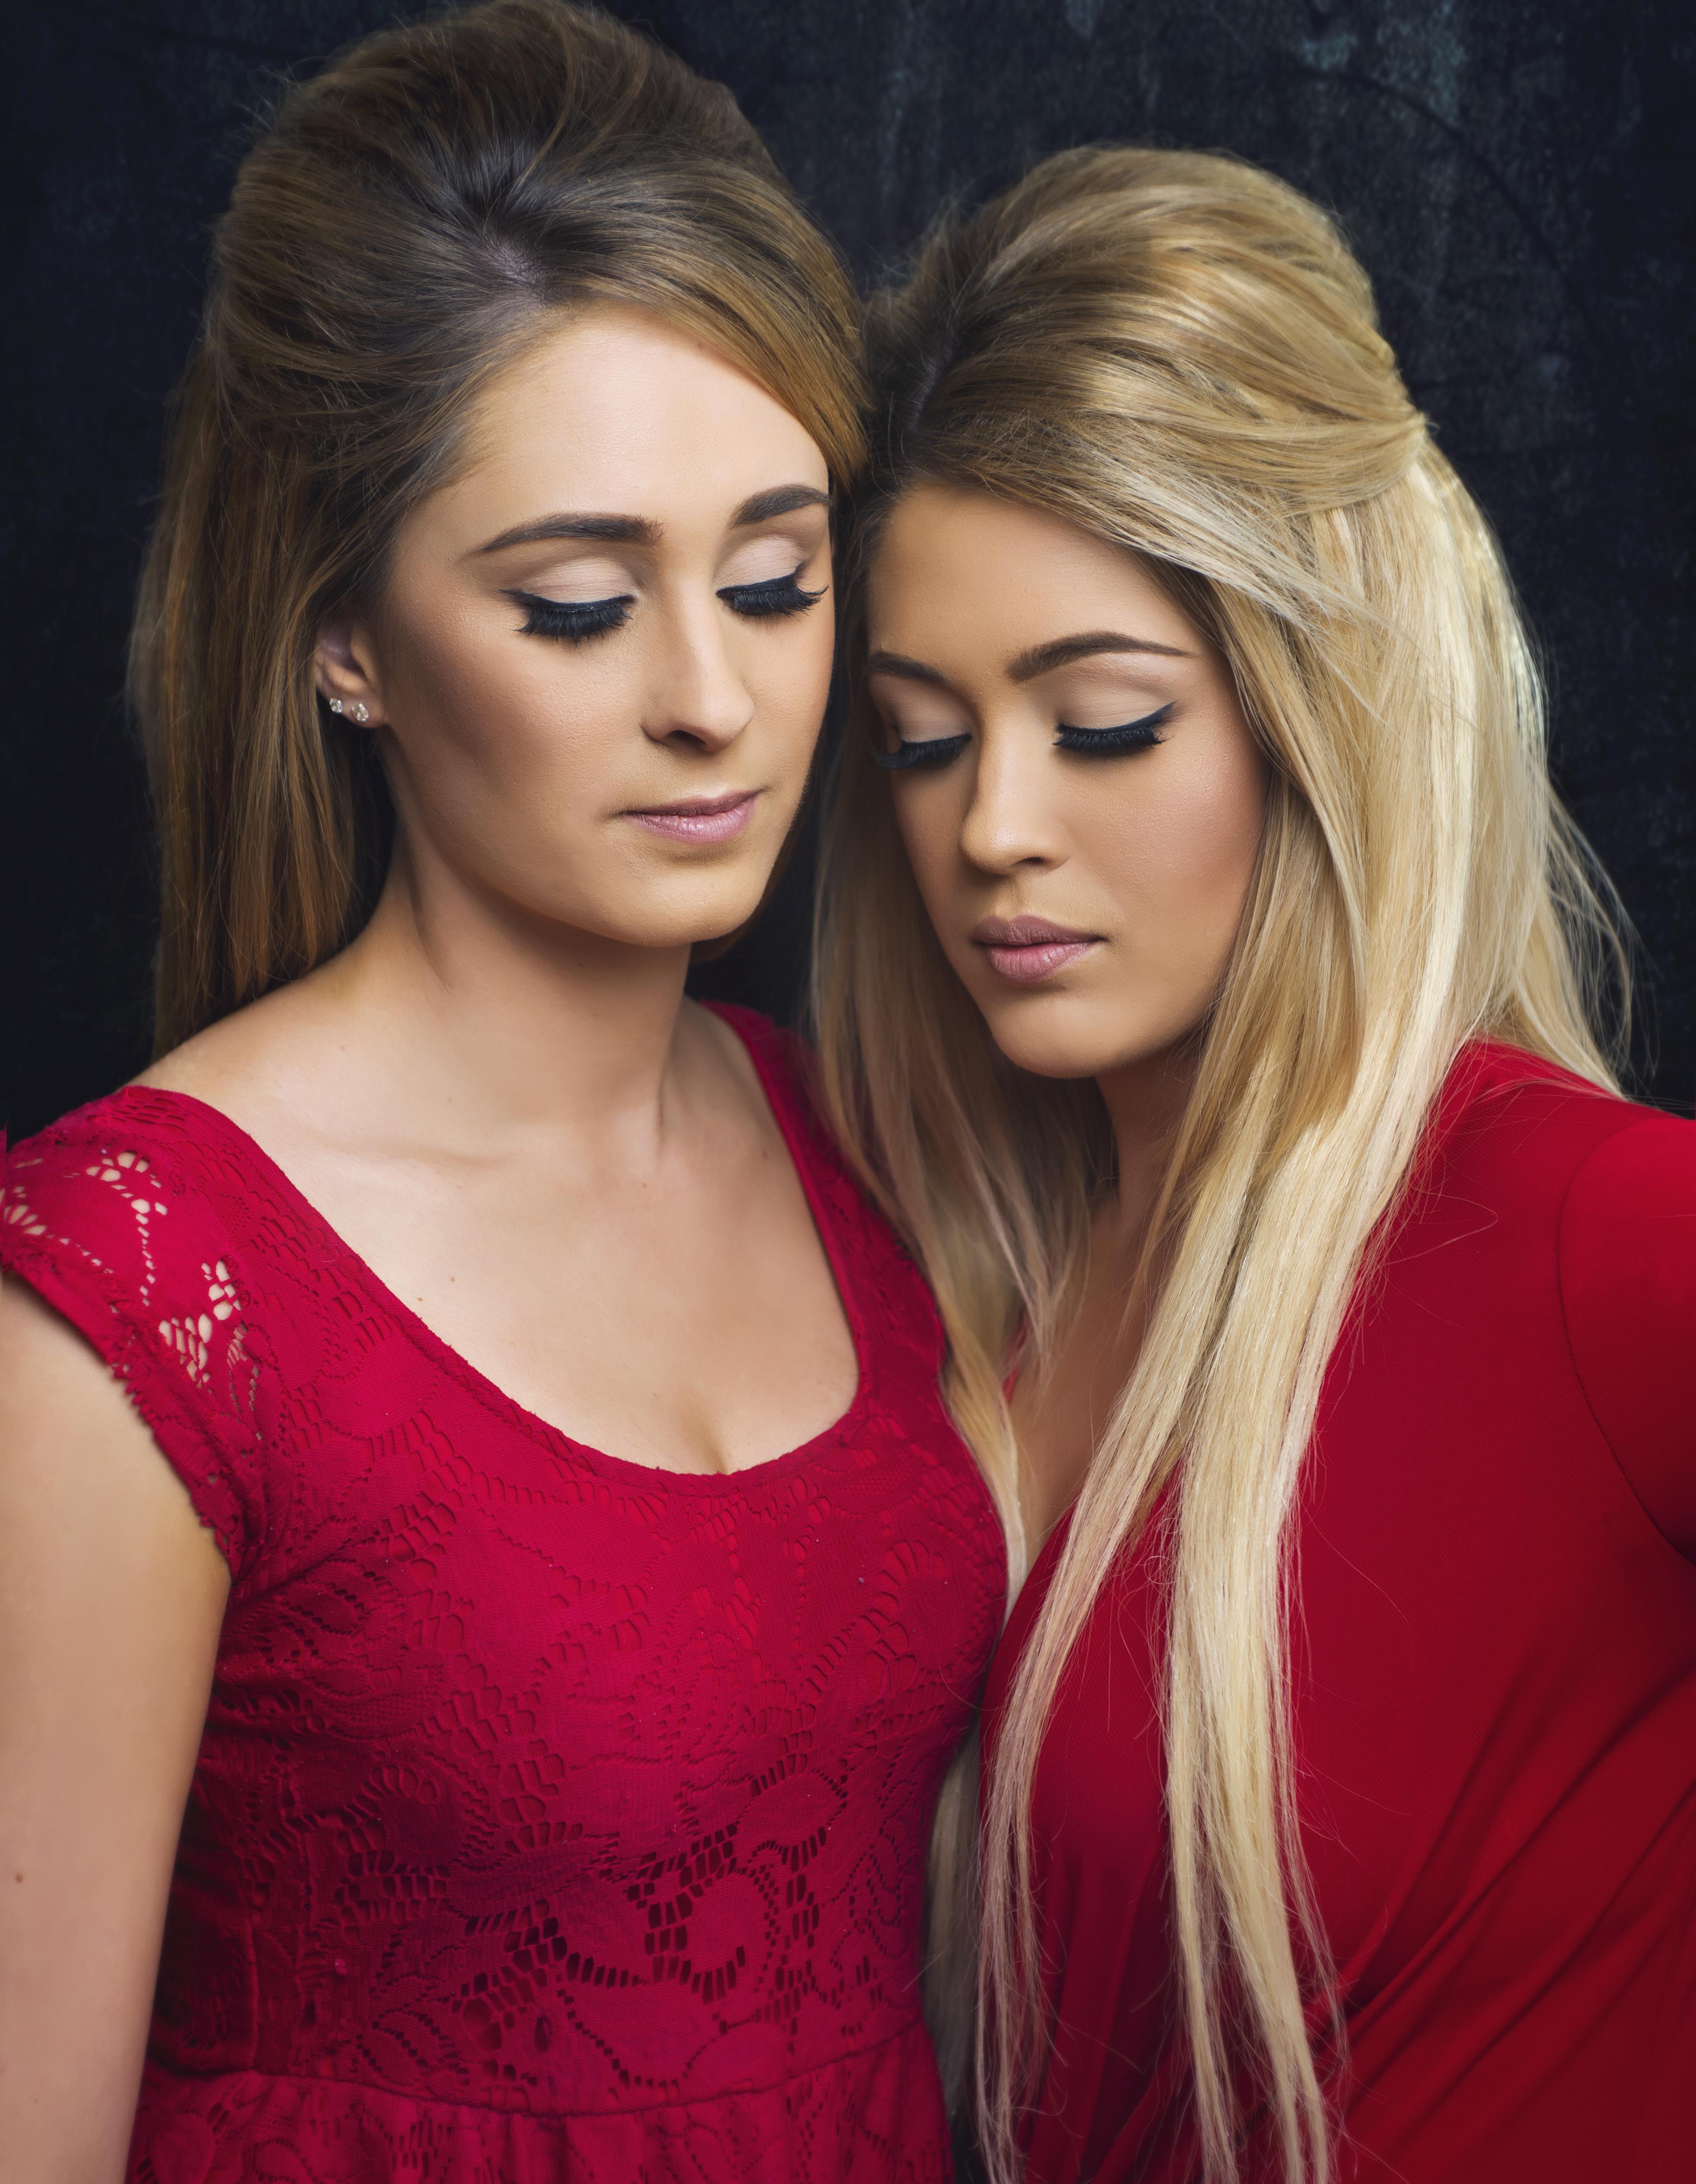 Makayla & Laura